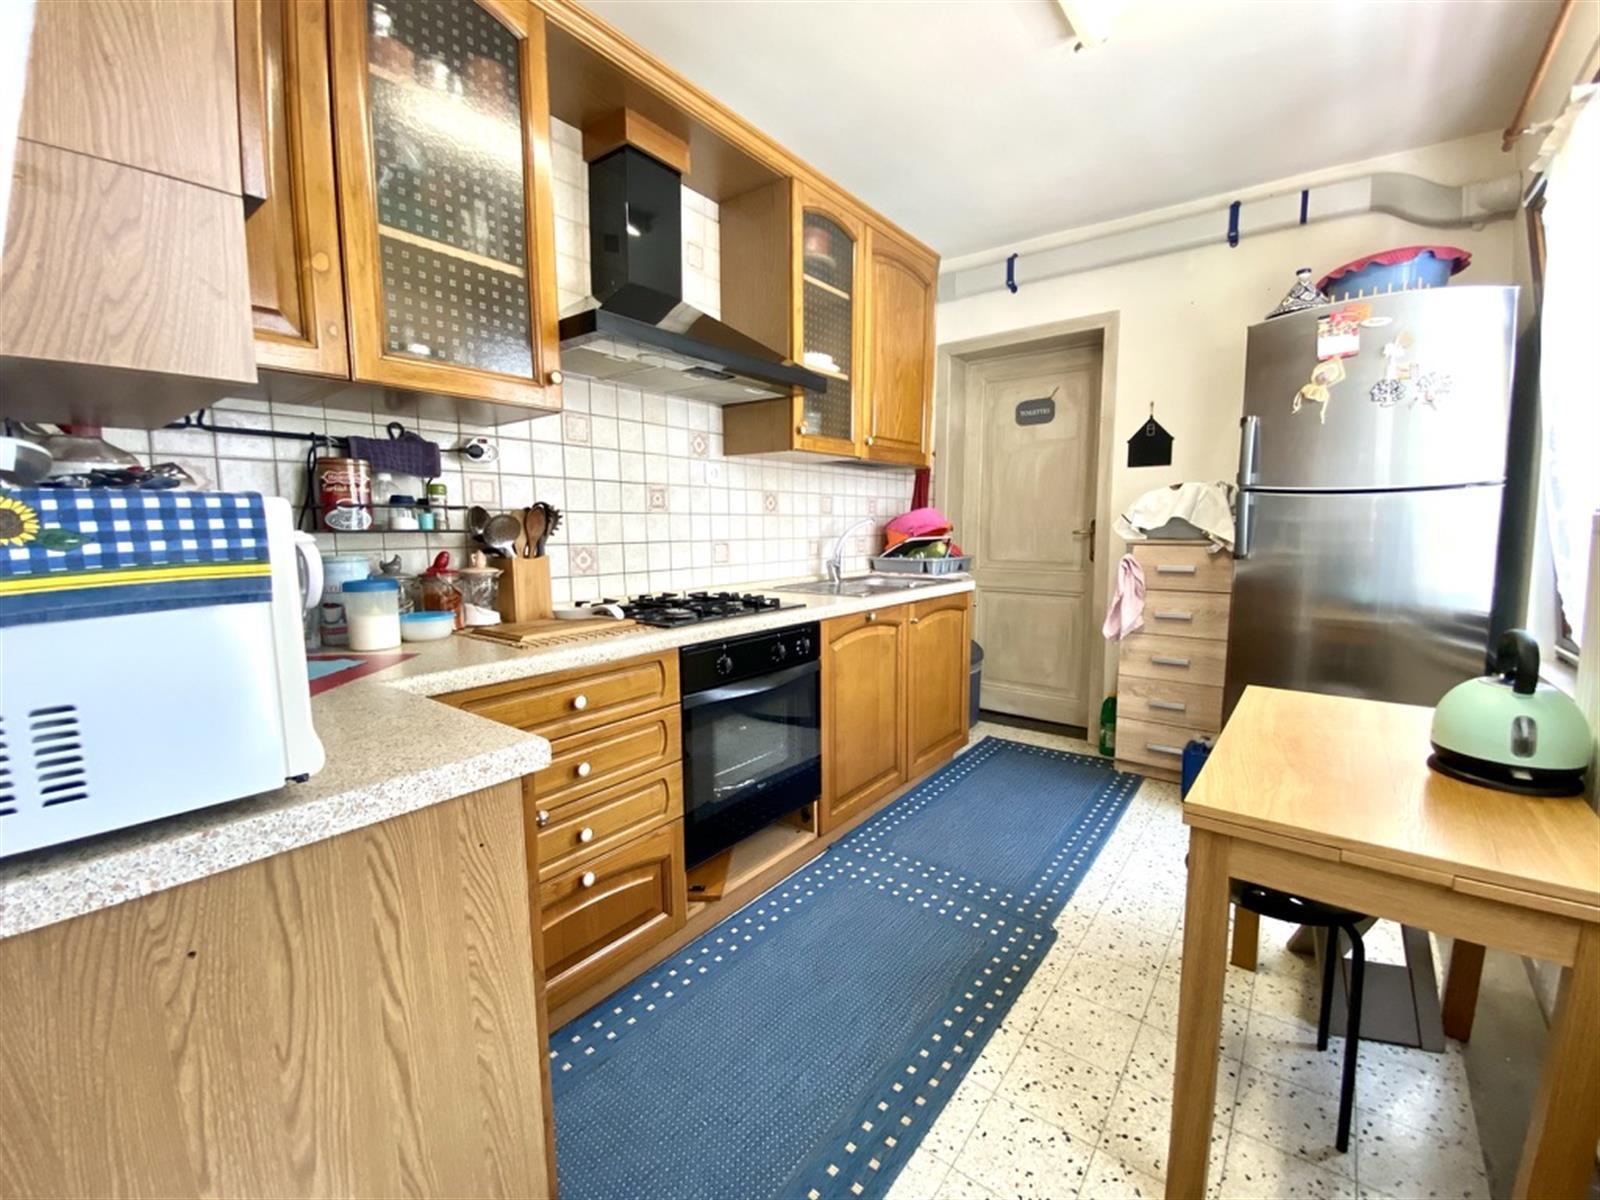 Maison unifamiliale - Saint-Nicolas - #4499549-4